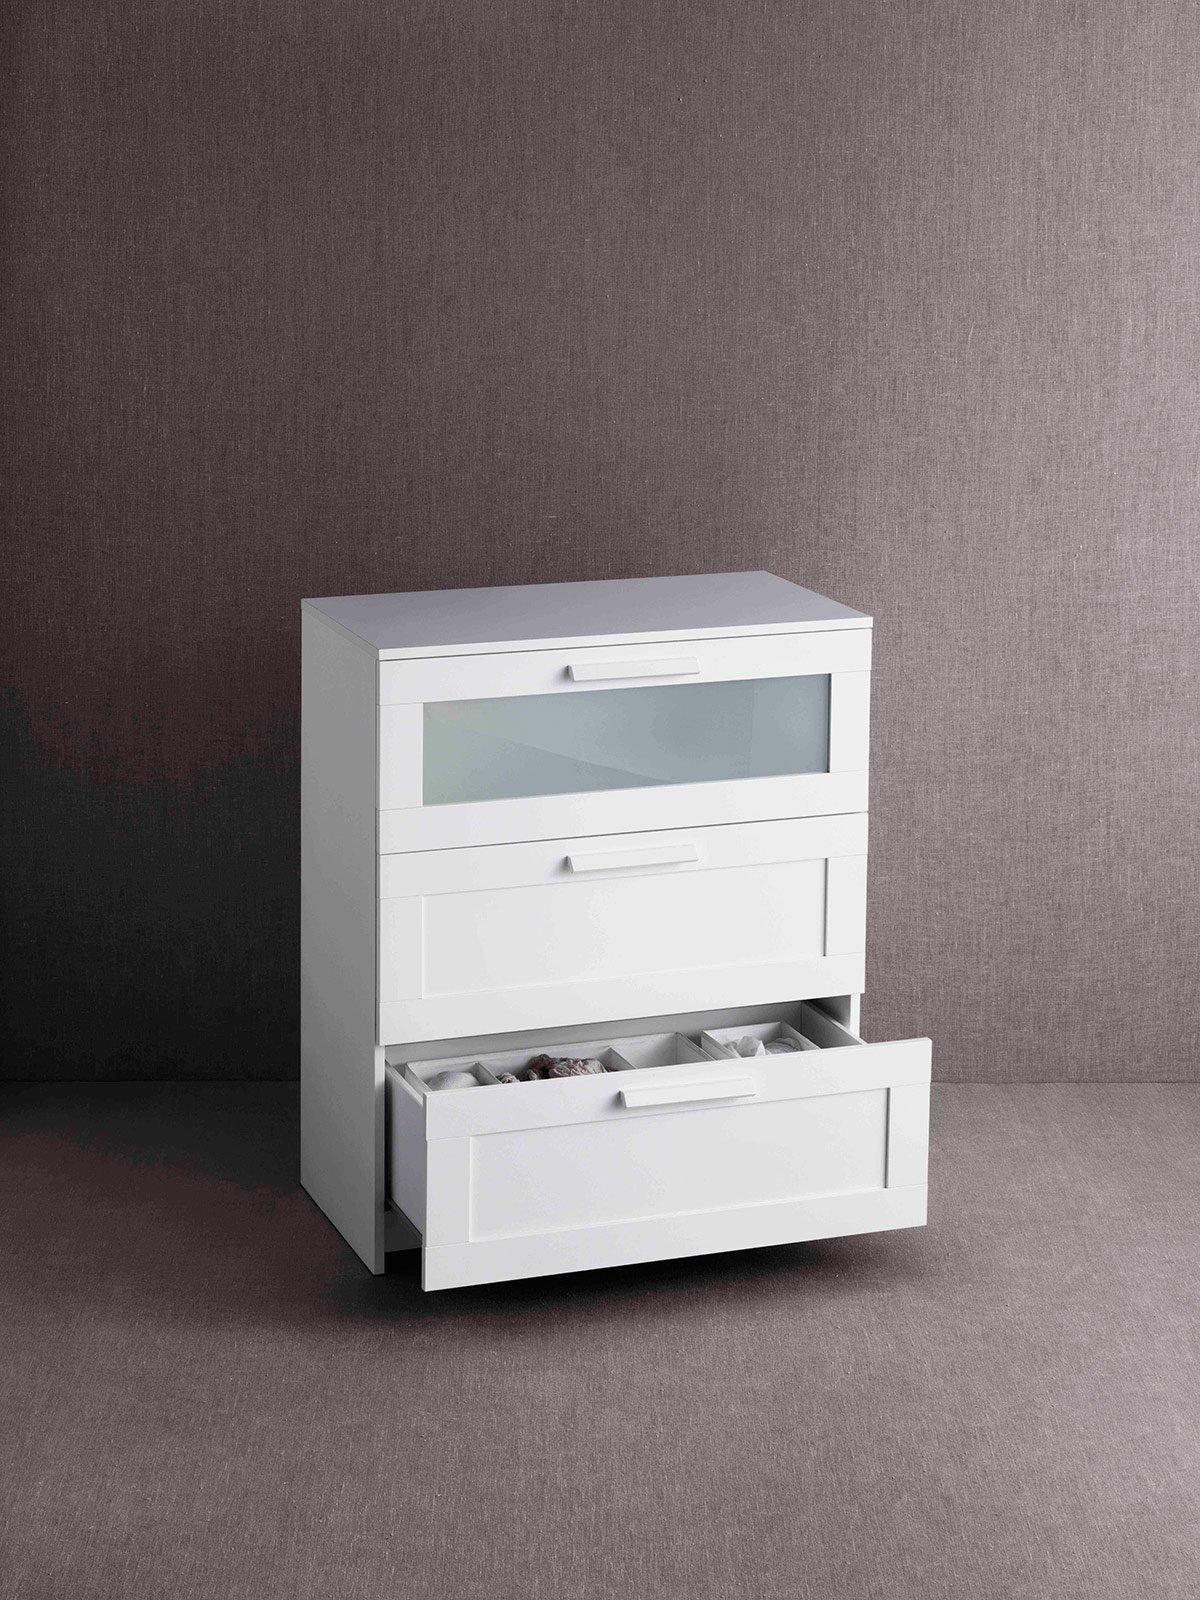 Cassettiere per tutti gli spazi cose di casa - Ikea catalogo cassettiere ...